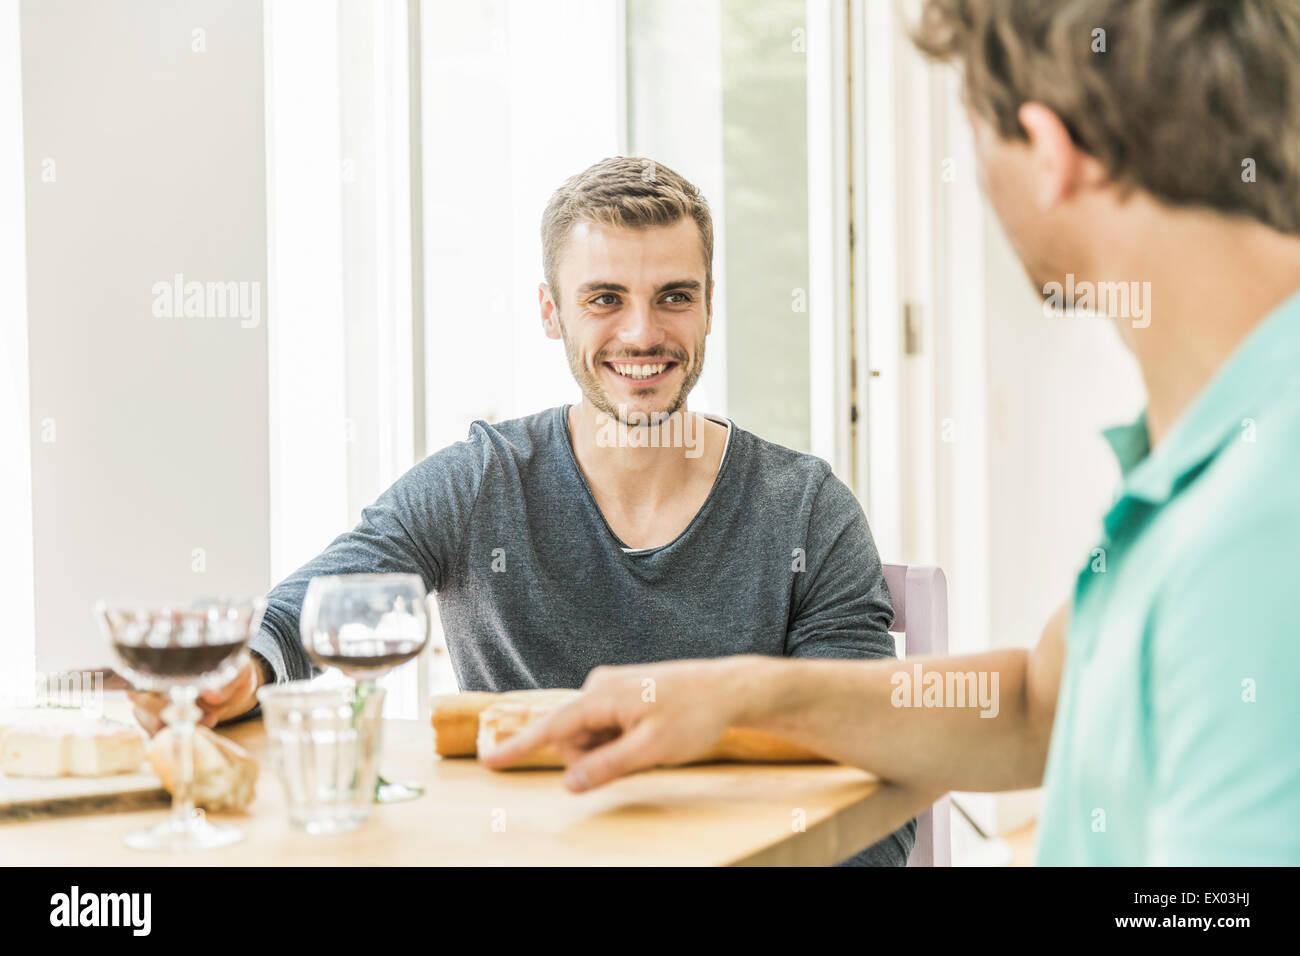 Dos hombres jóvenes conversando en la mesa de la fiesta en el comedor Imagen De Stock